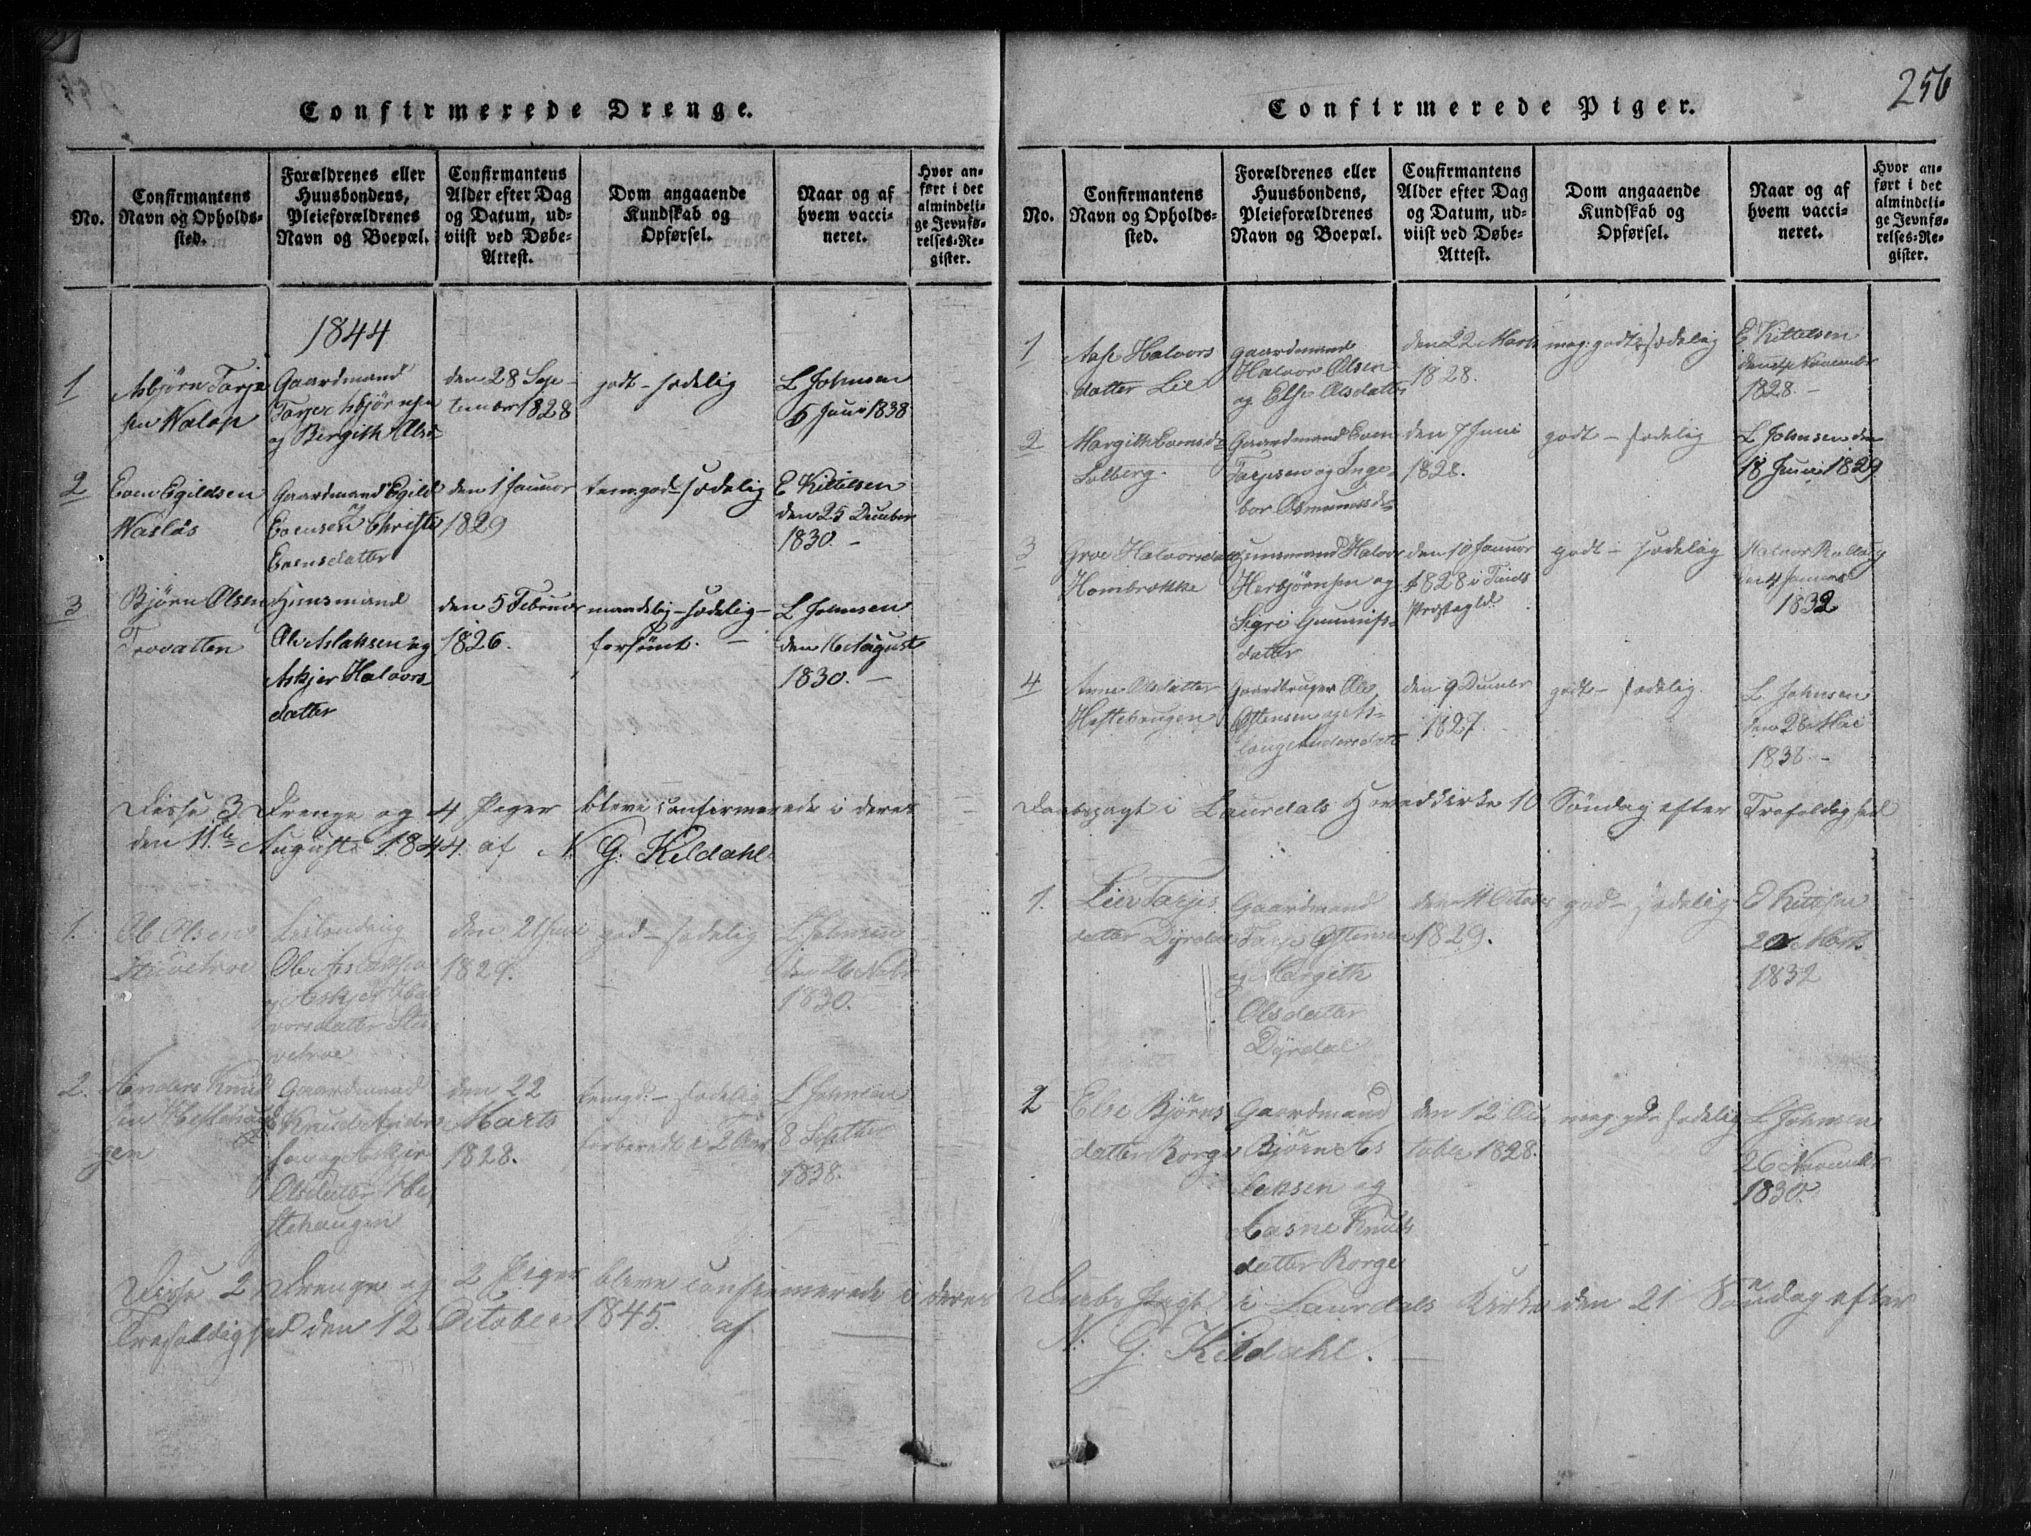 SAKO, Rauland kirkebøker, G/Gb/L0001: Klokkerbok nr. II 1, 1815-1886, s. 256